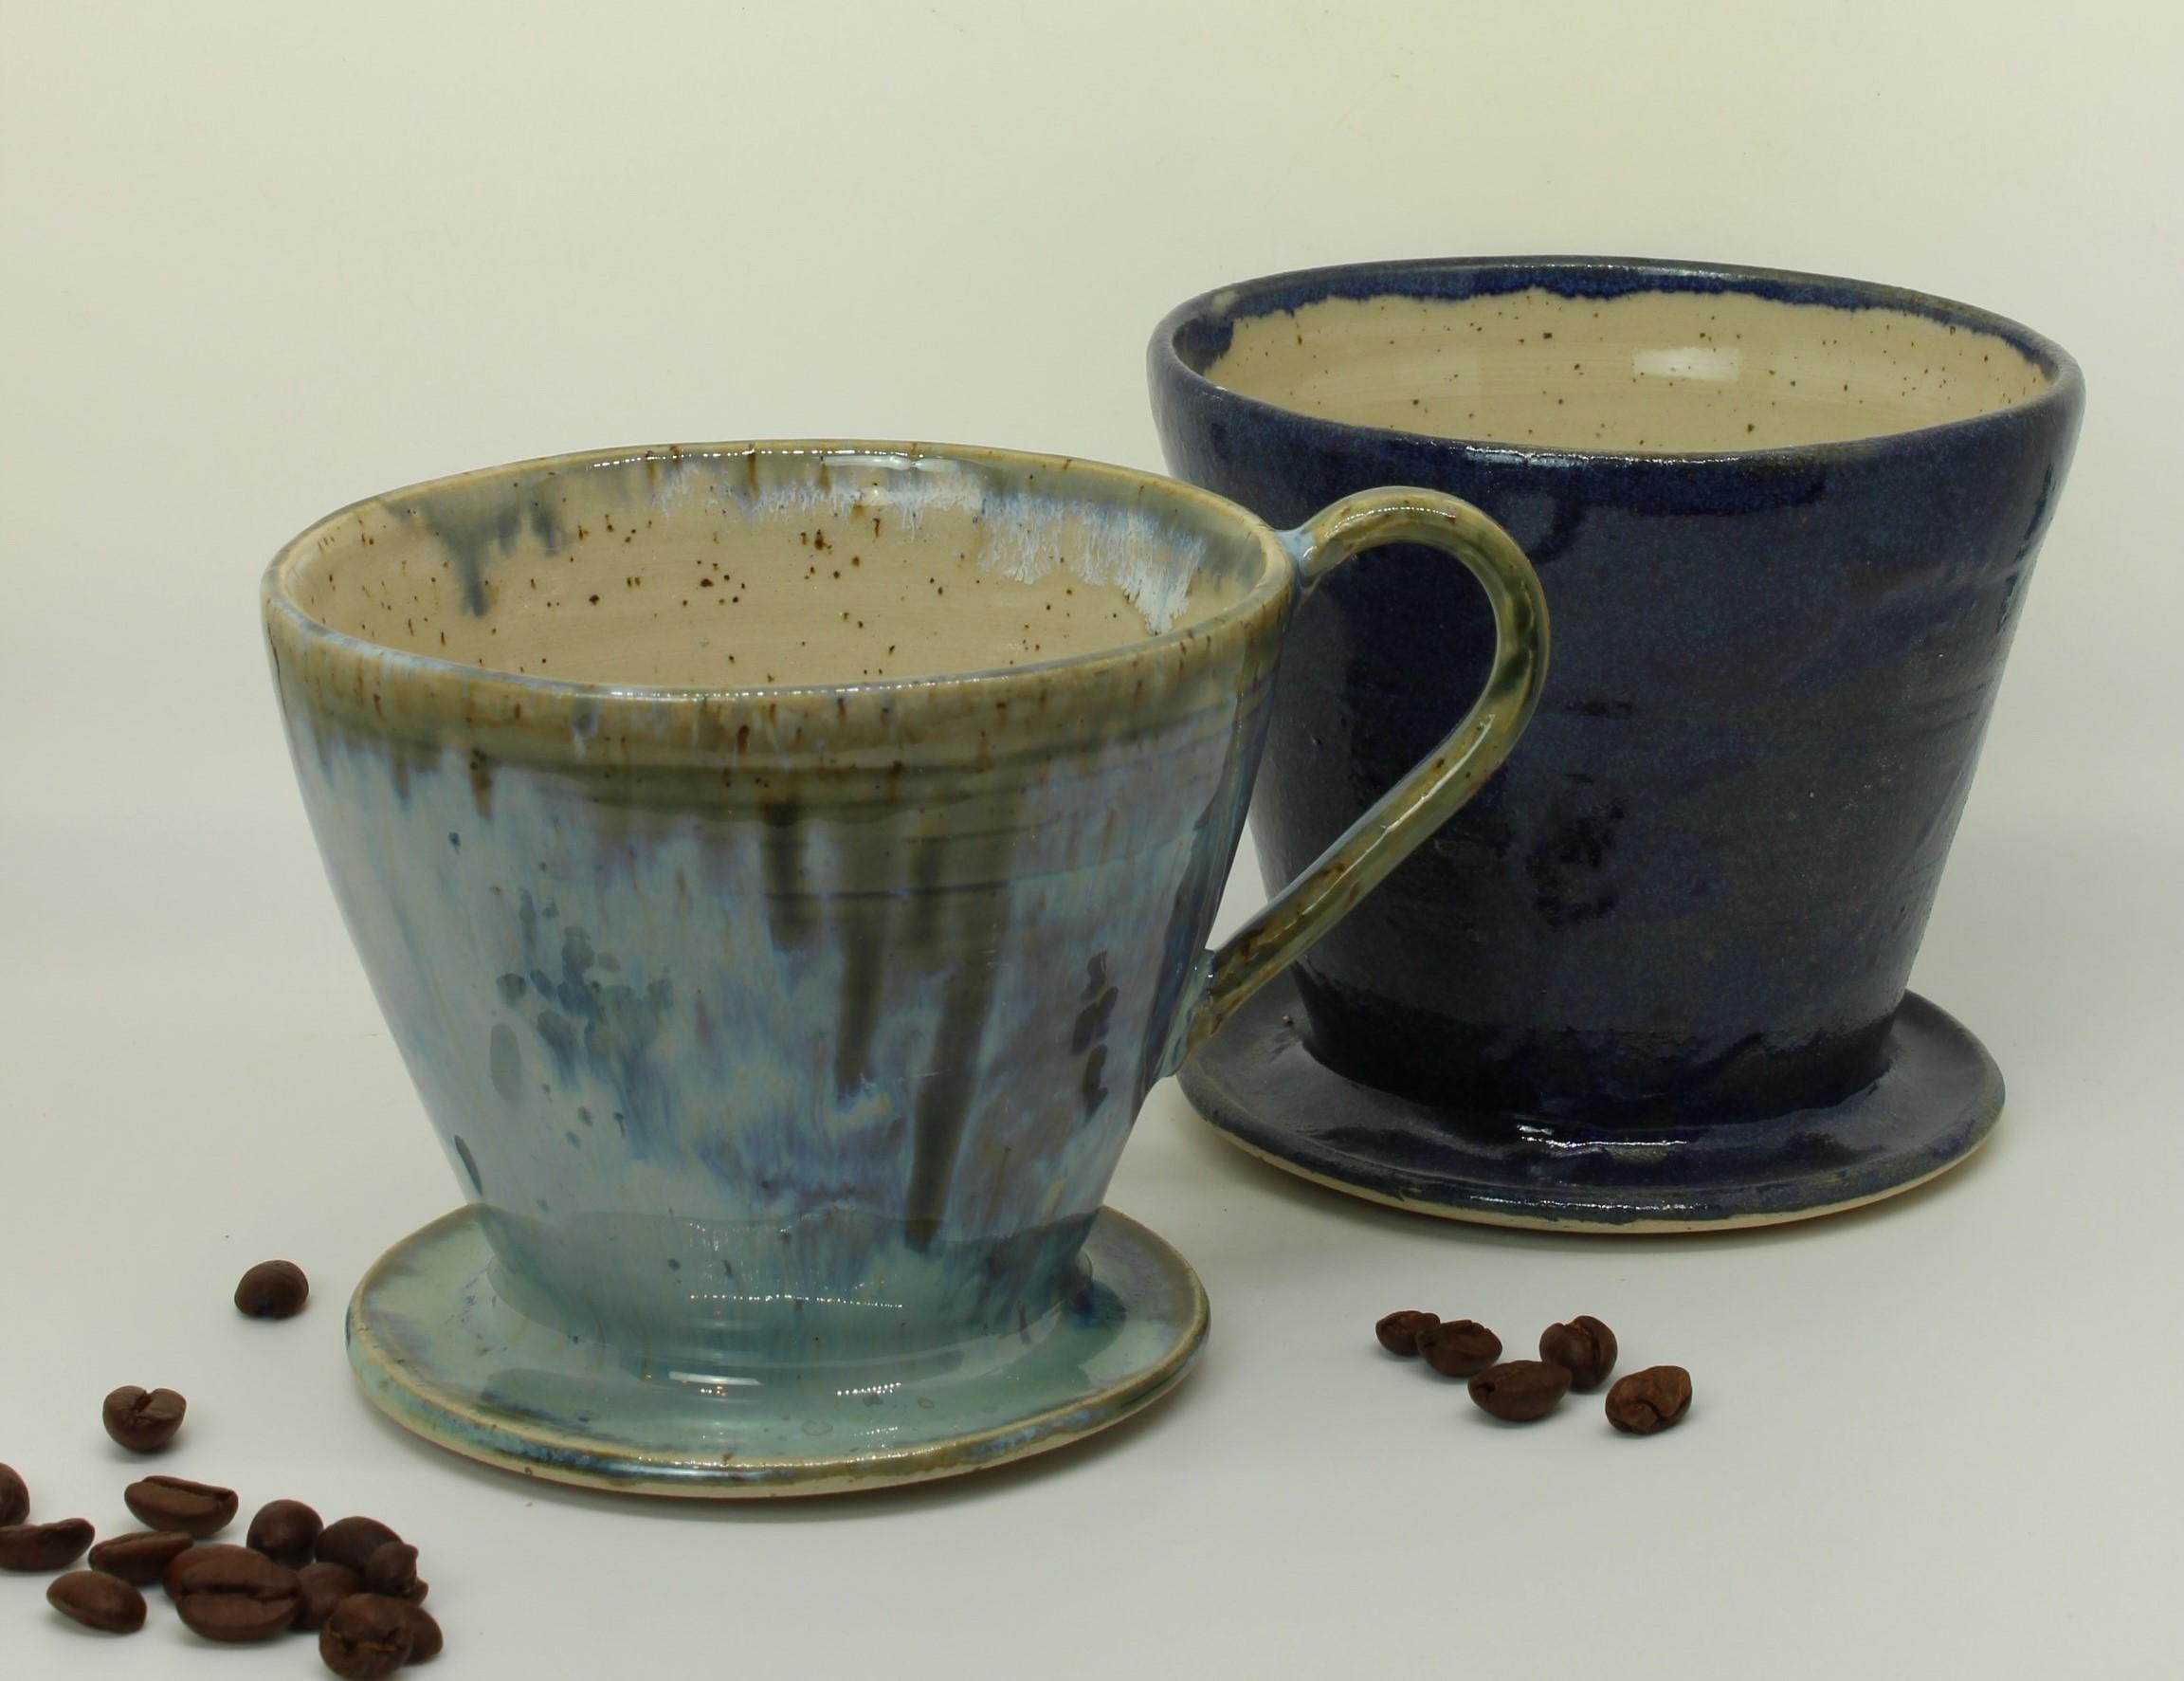 kaffeefilter - hellblau-dunkelblau